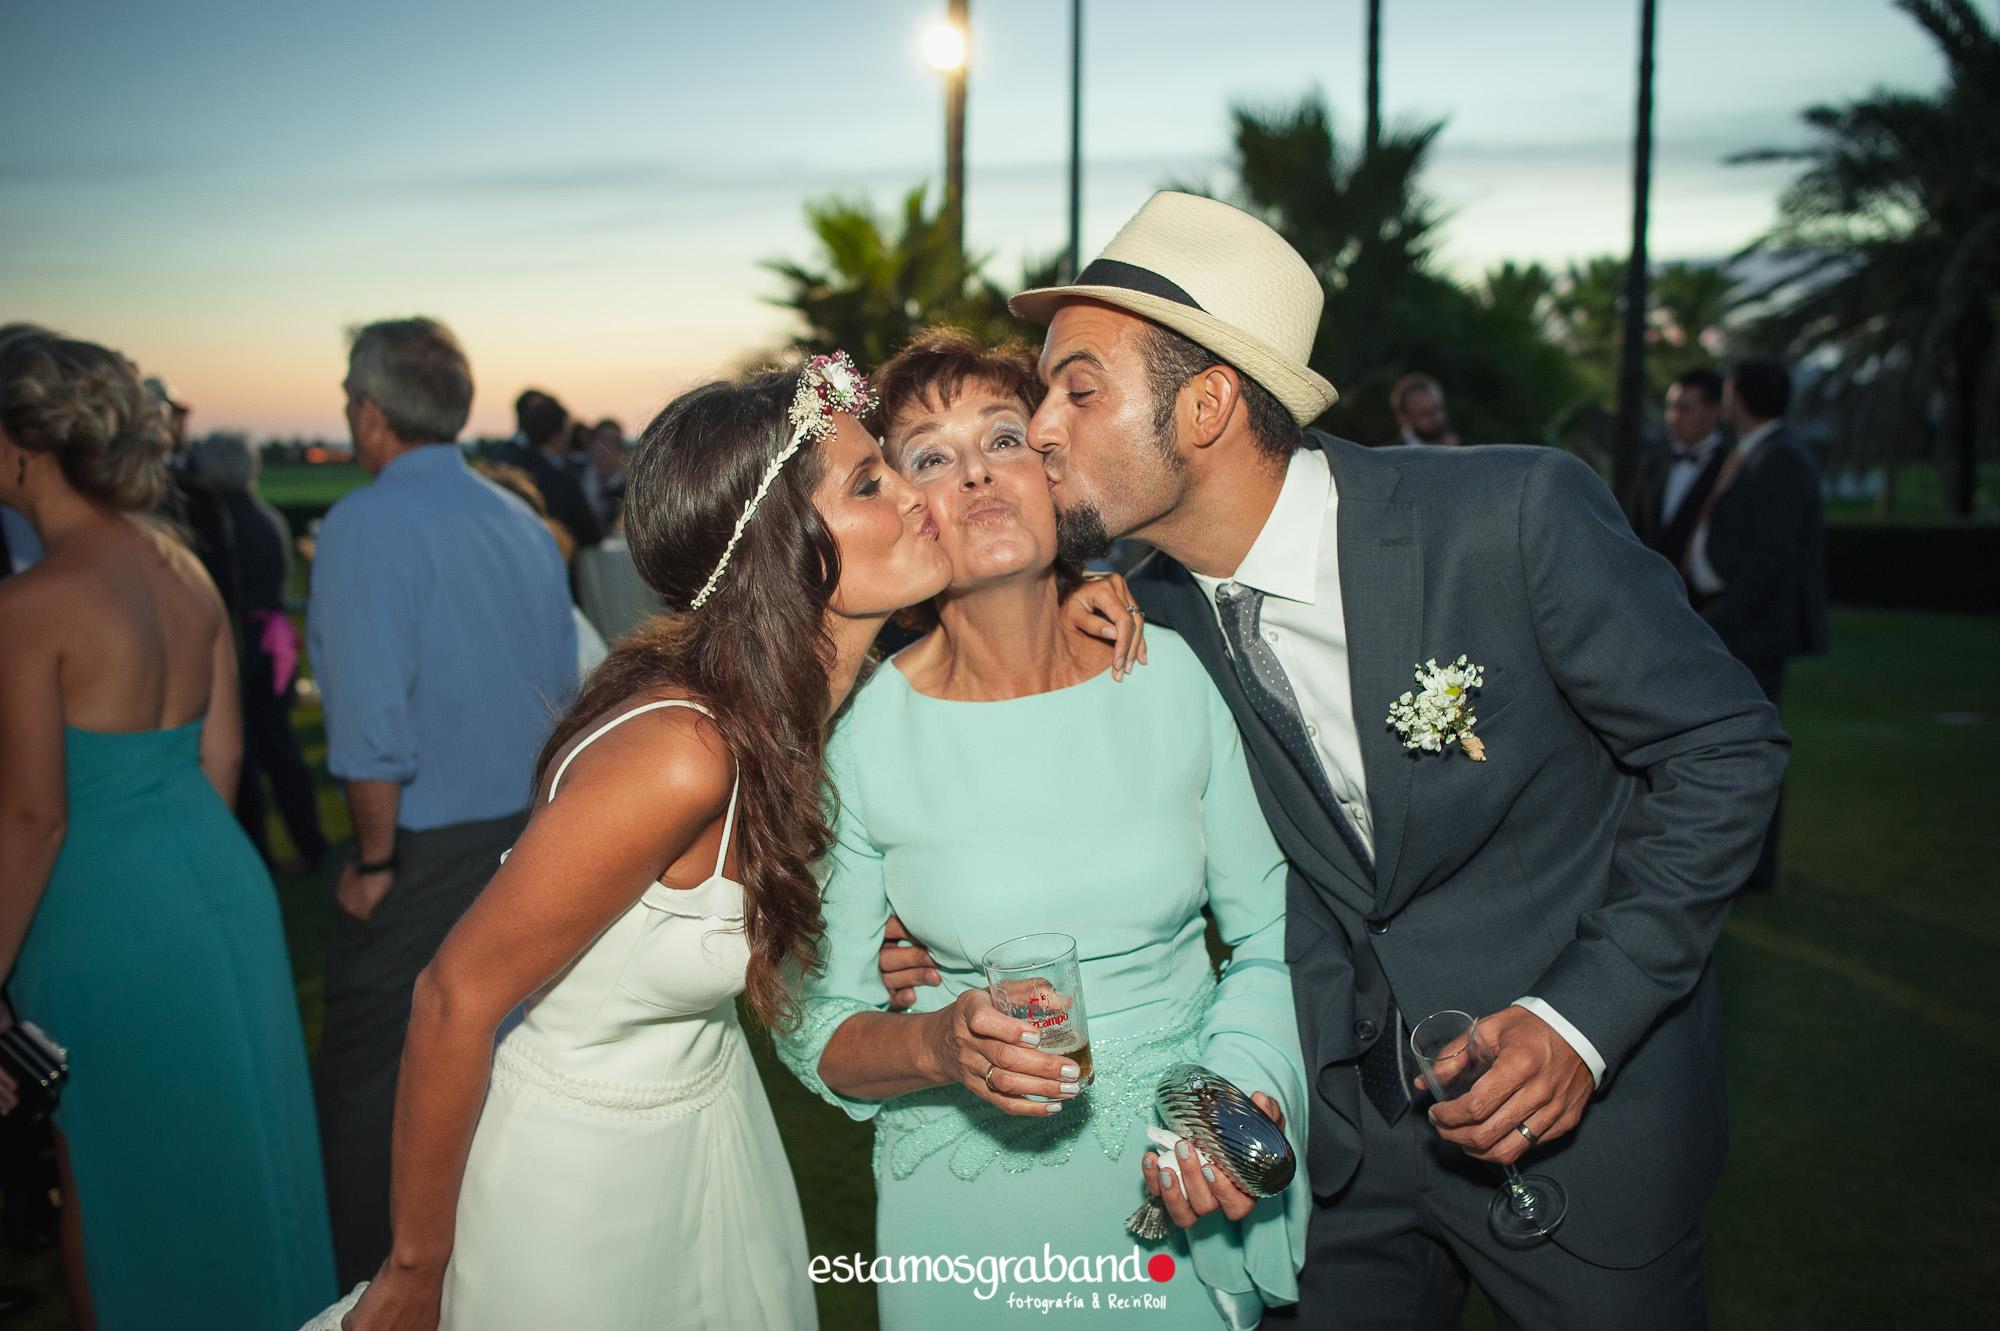 LARA-Y-MIGUE-BACK-TO-DE-THE-WEDDING-16-3 Los invitados de Lara & Migue [Back to the wedding_Club de Golf Costa Ballena] - video boda cadiz